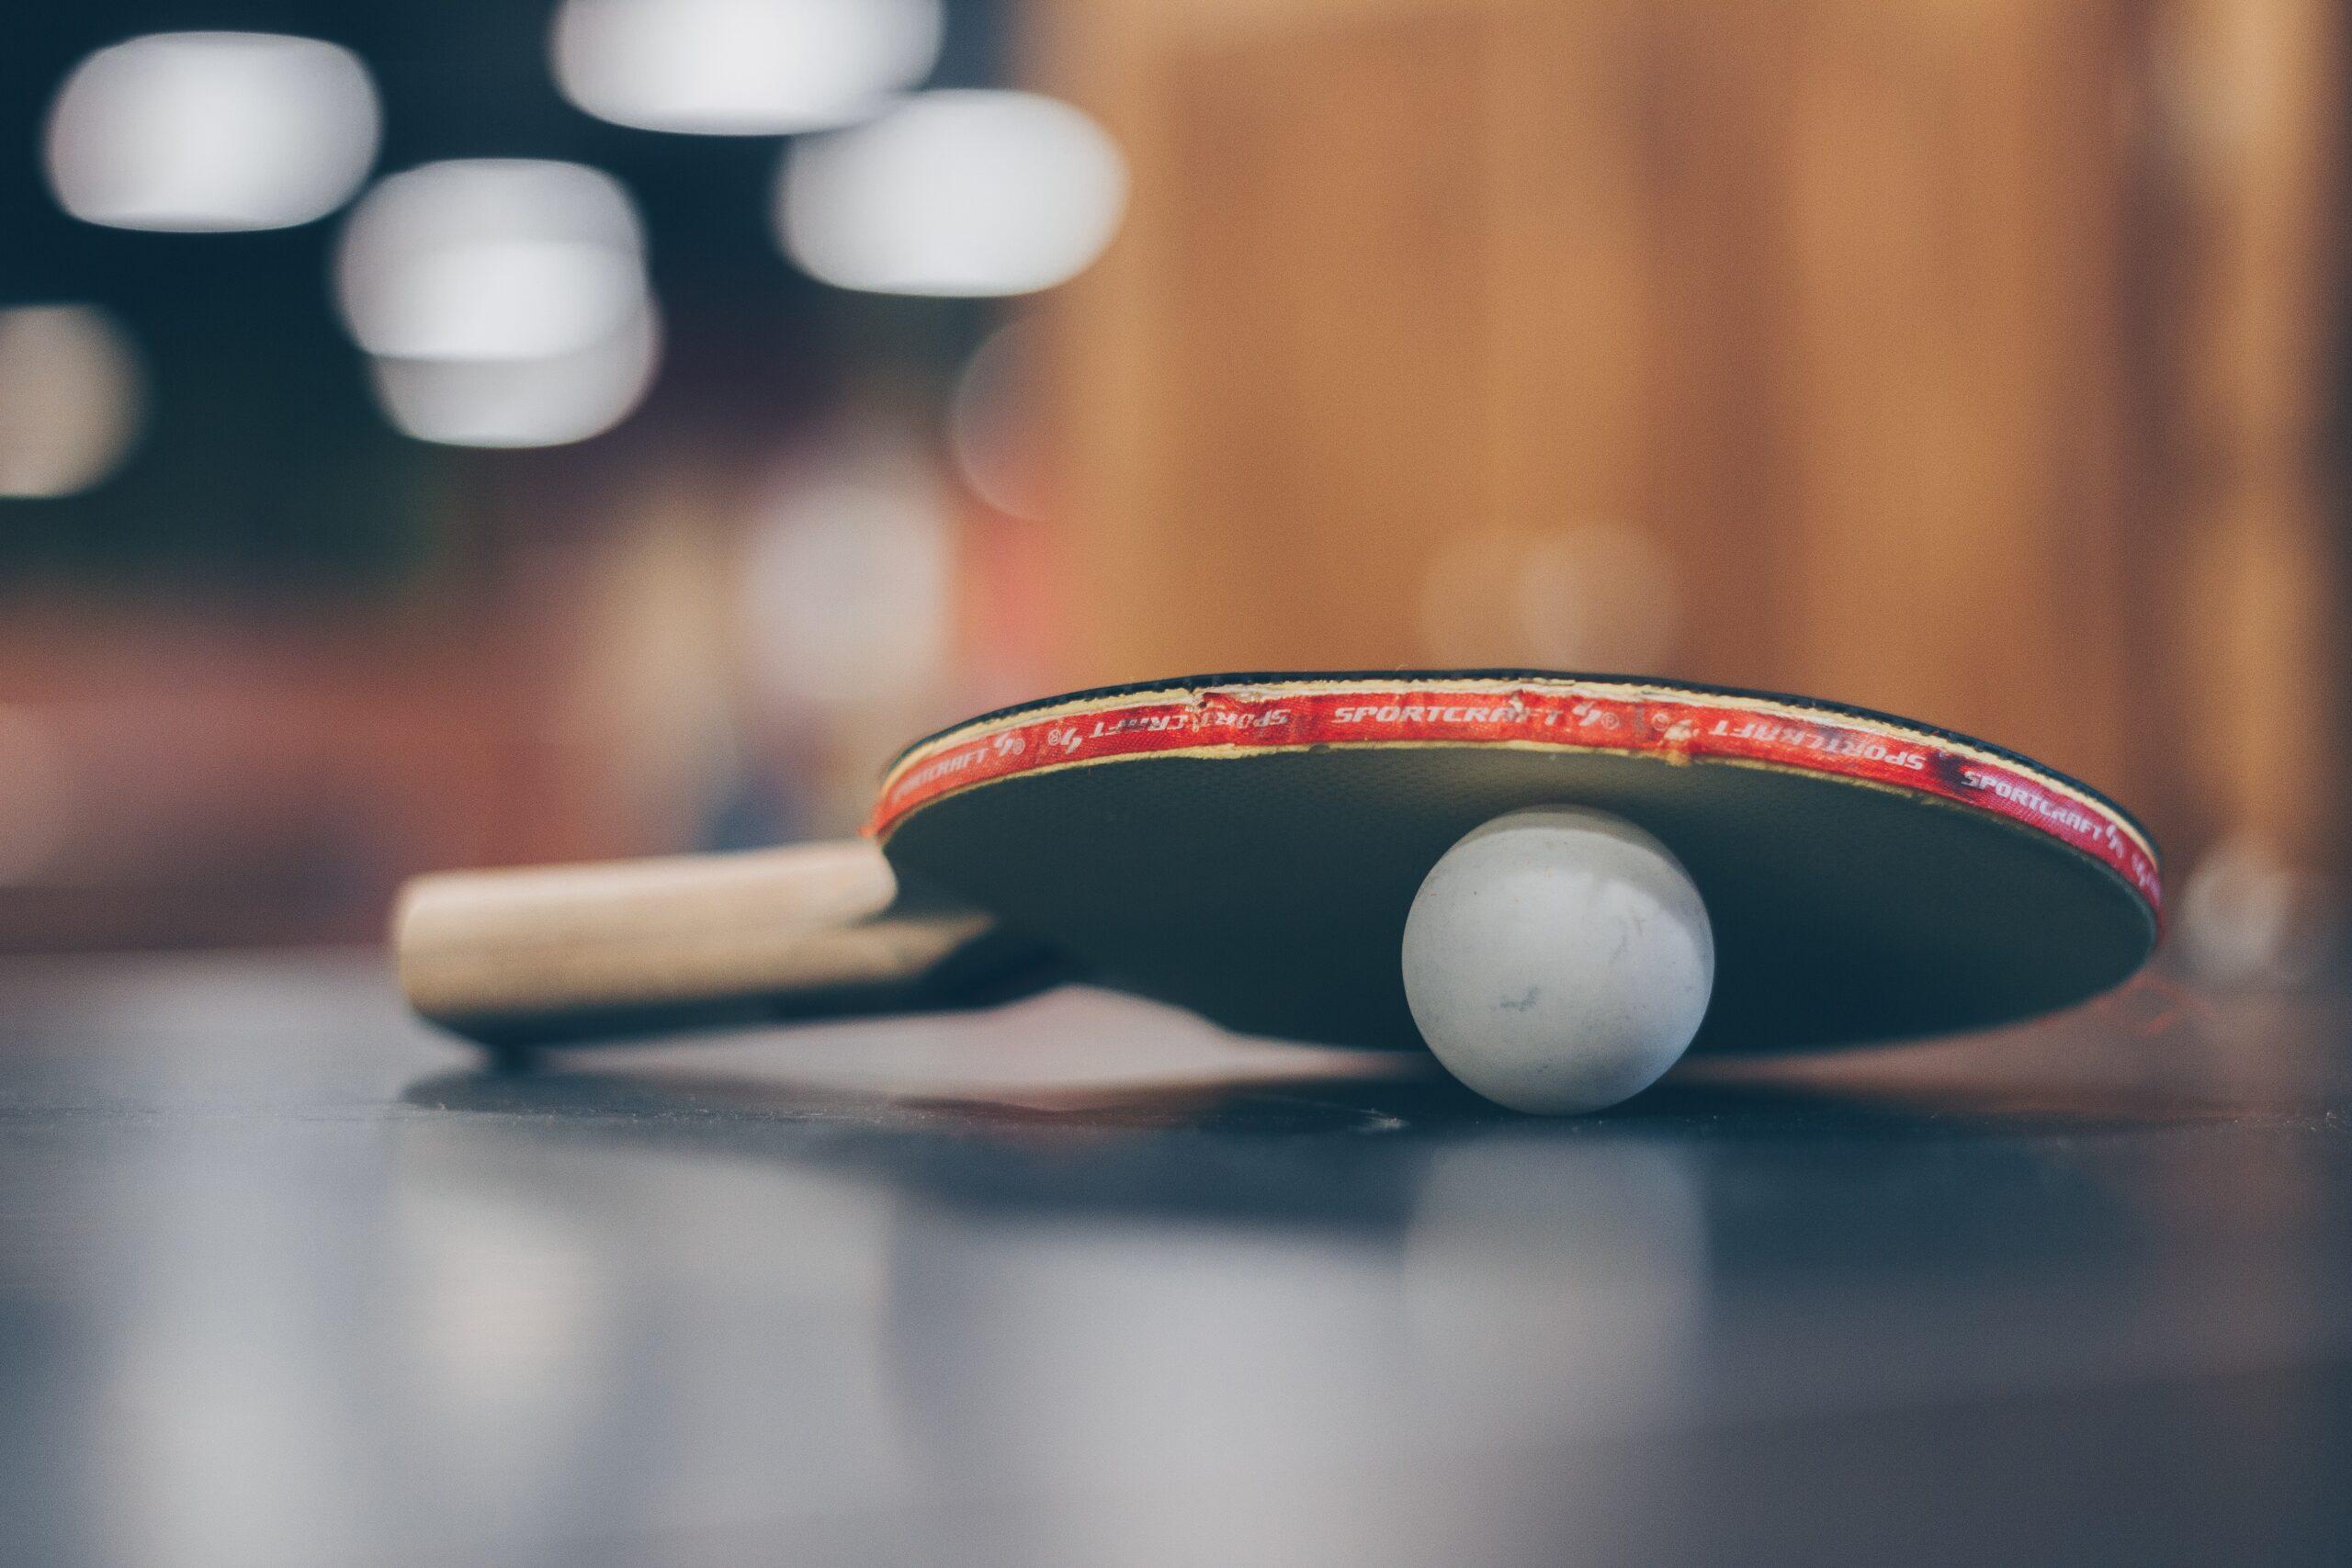 3 hurtige råd til at blive en bedre bordtennisspiller